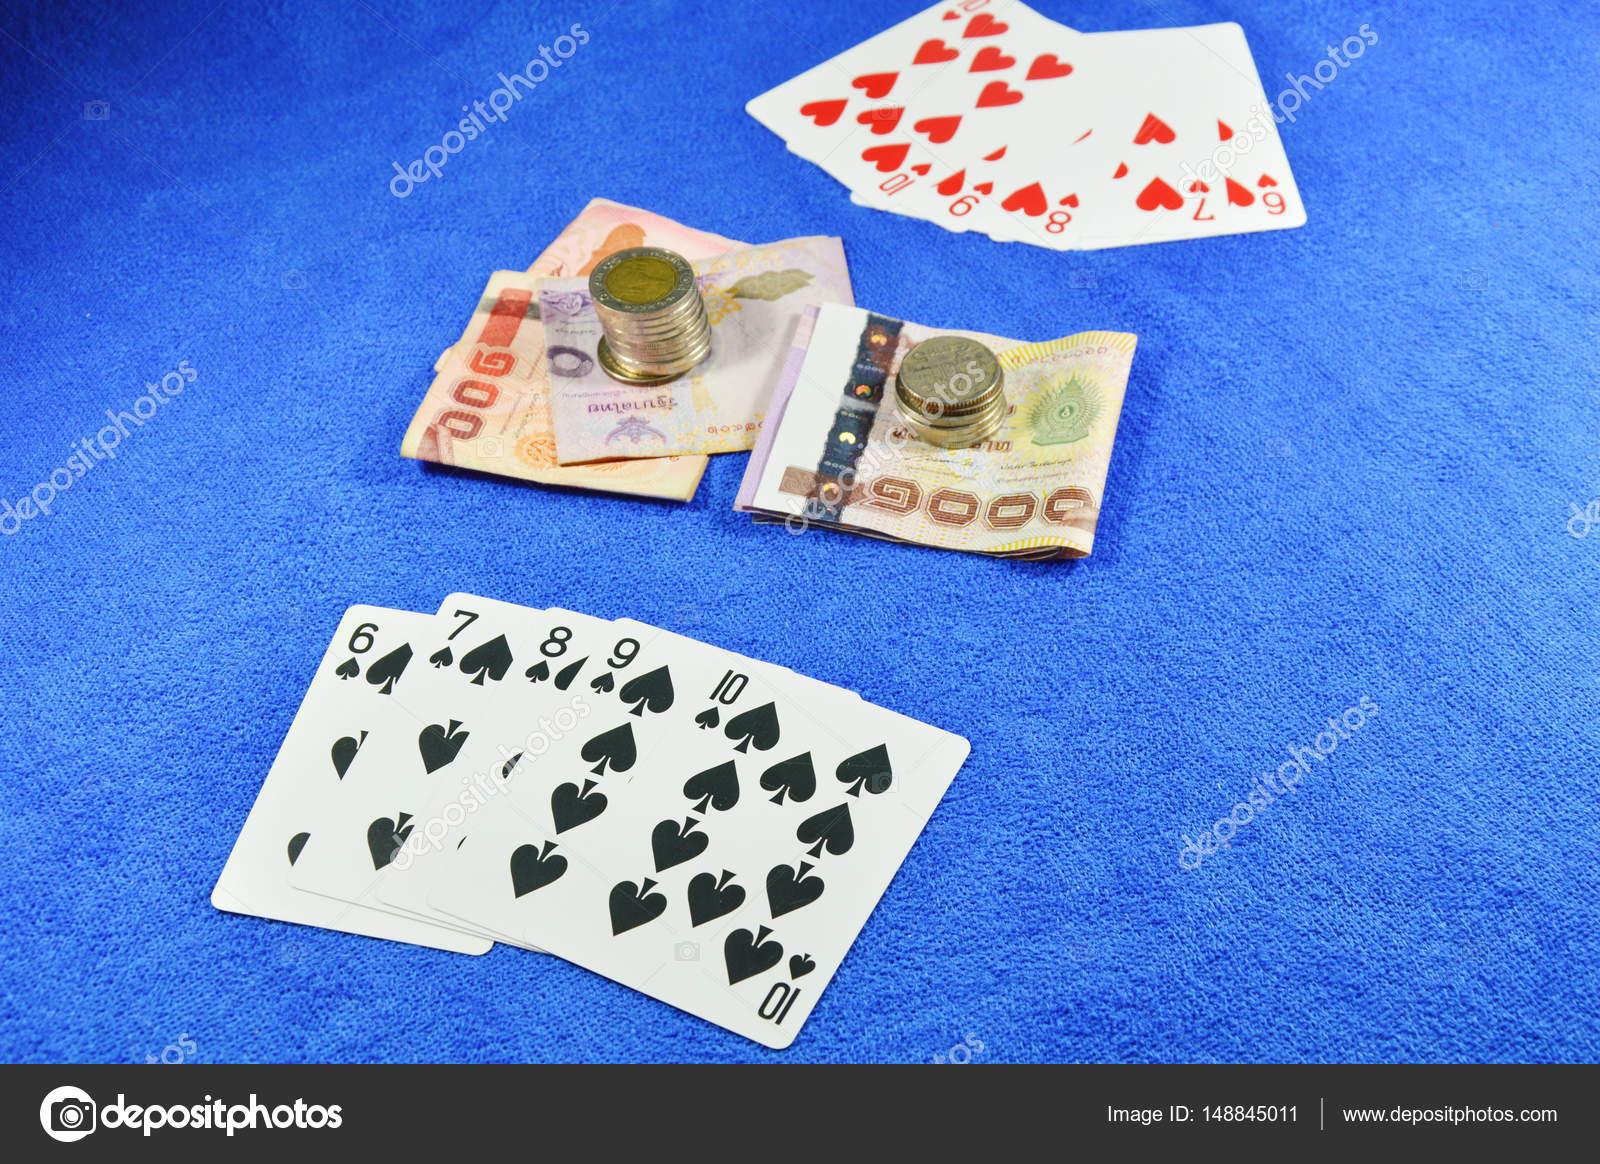 Straight poker game dublin poker festival